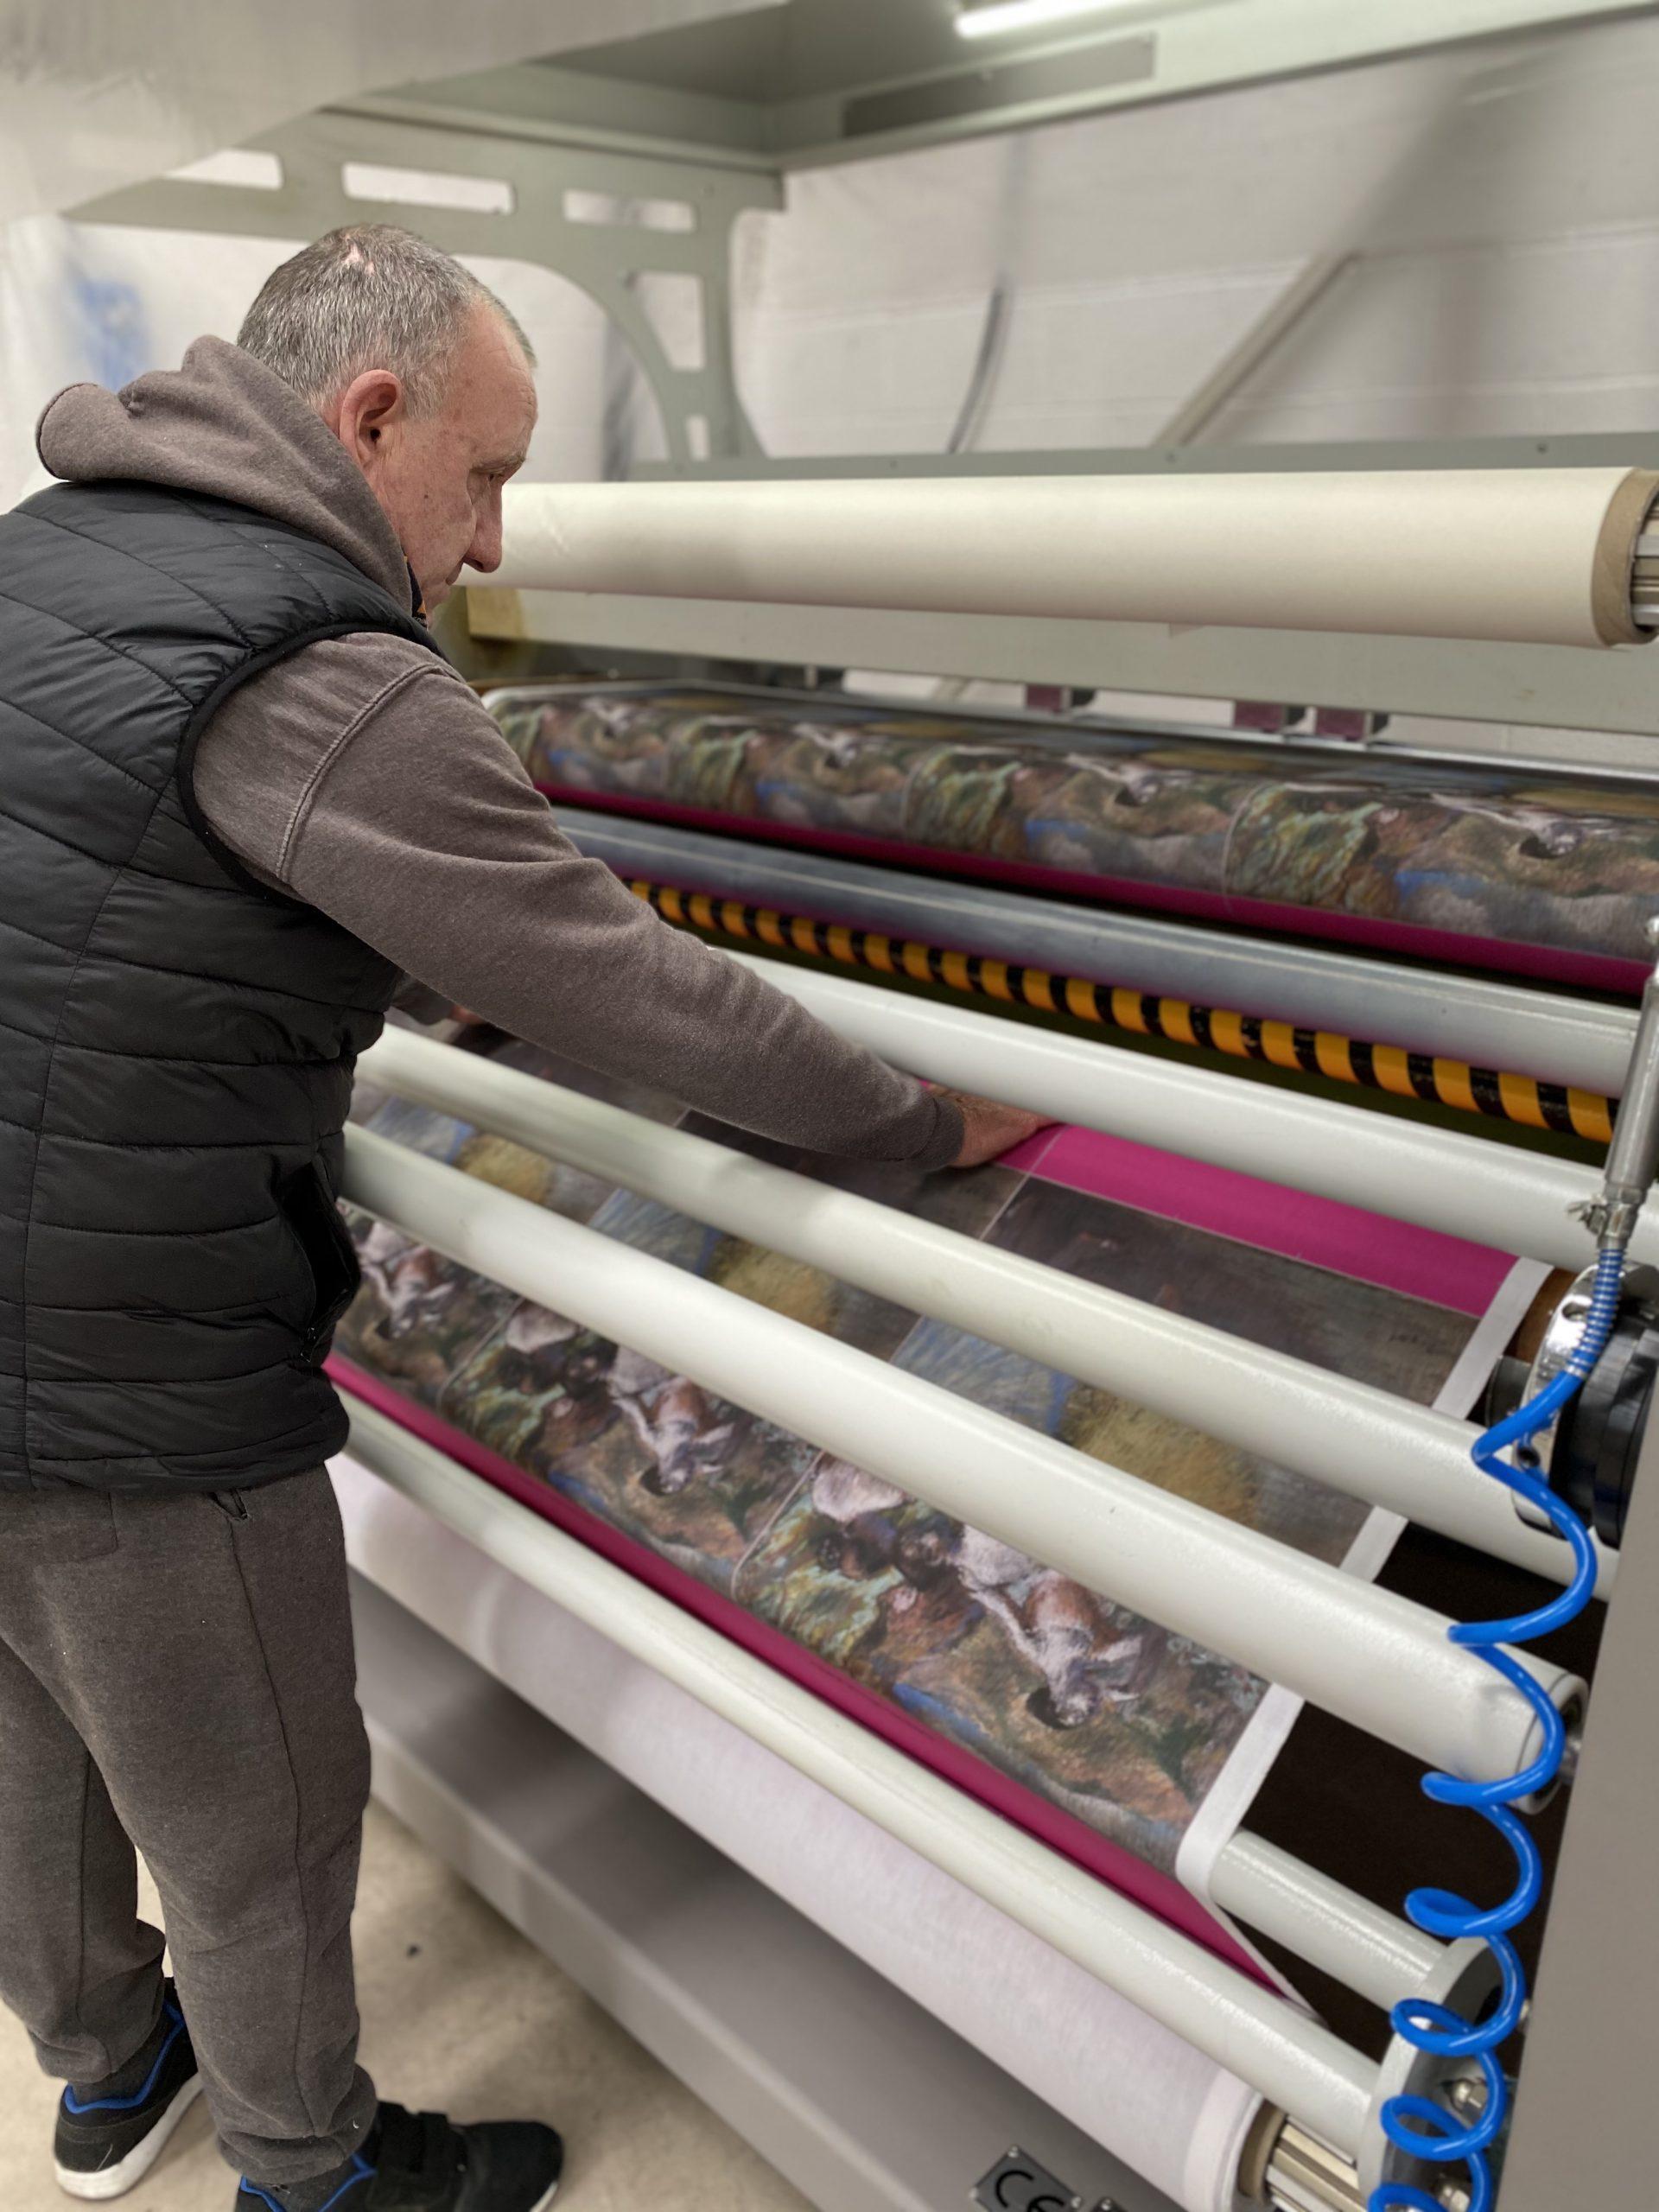 bespoke UK textile manufacturing